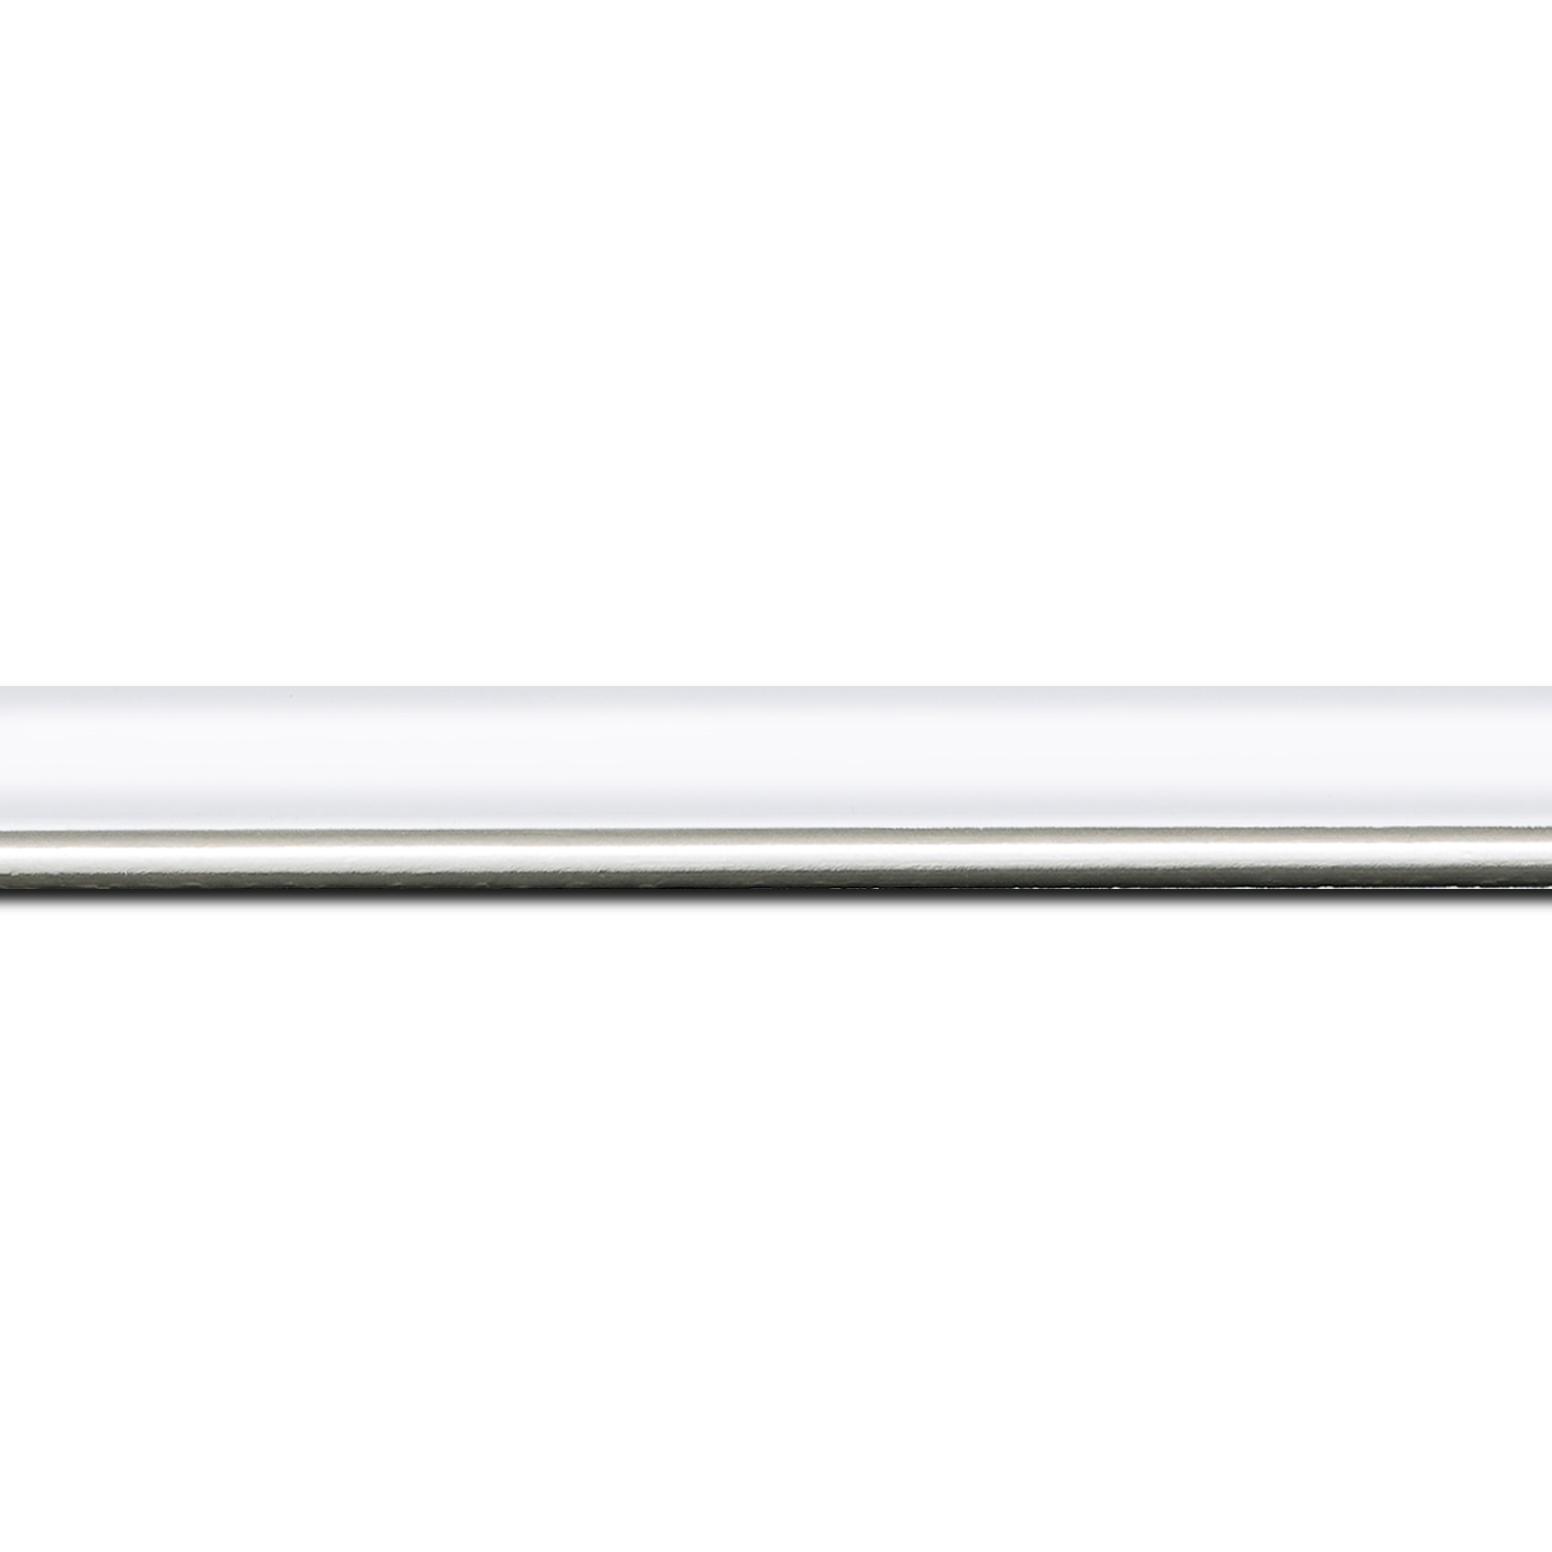 Baguette longueur 1.40m bois profil arrondi largeur 2.1cm couleur blanc mat filet argent